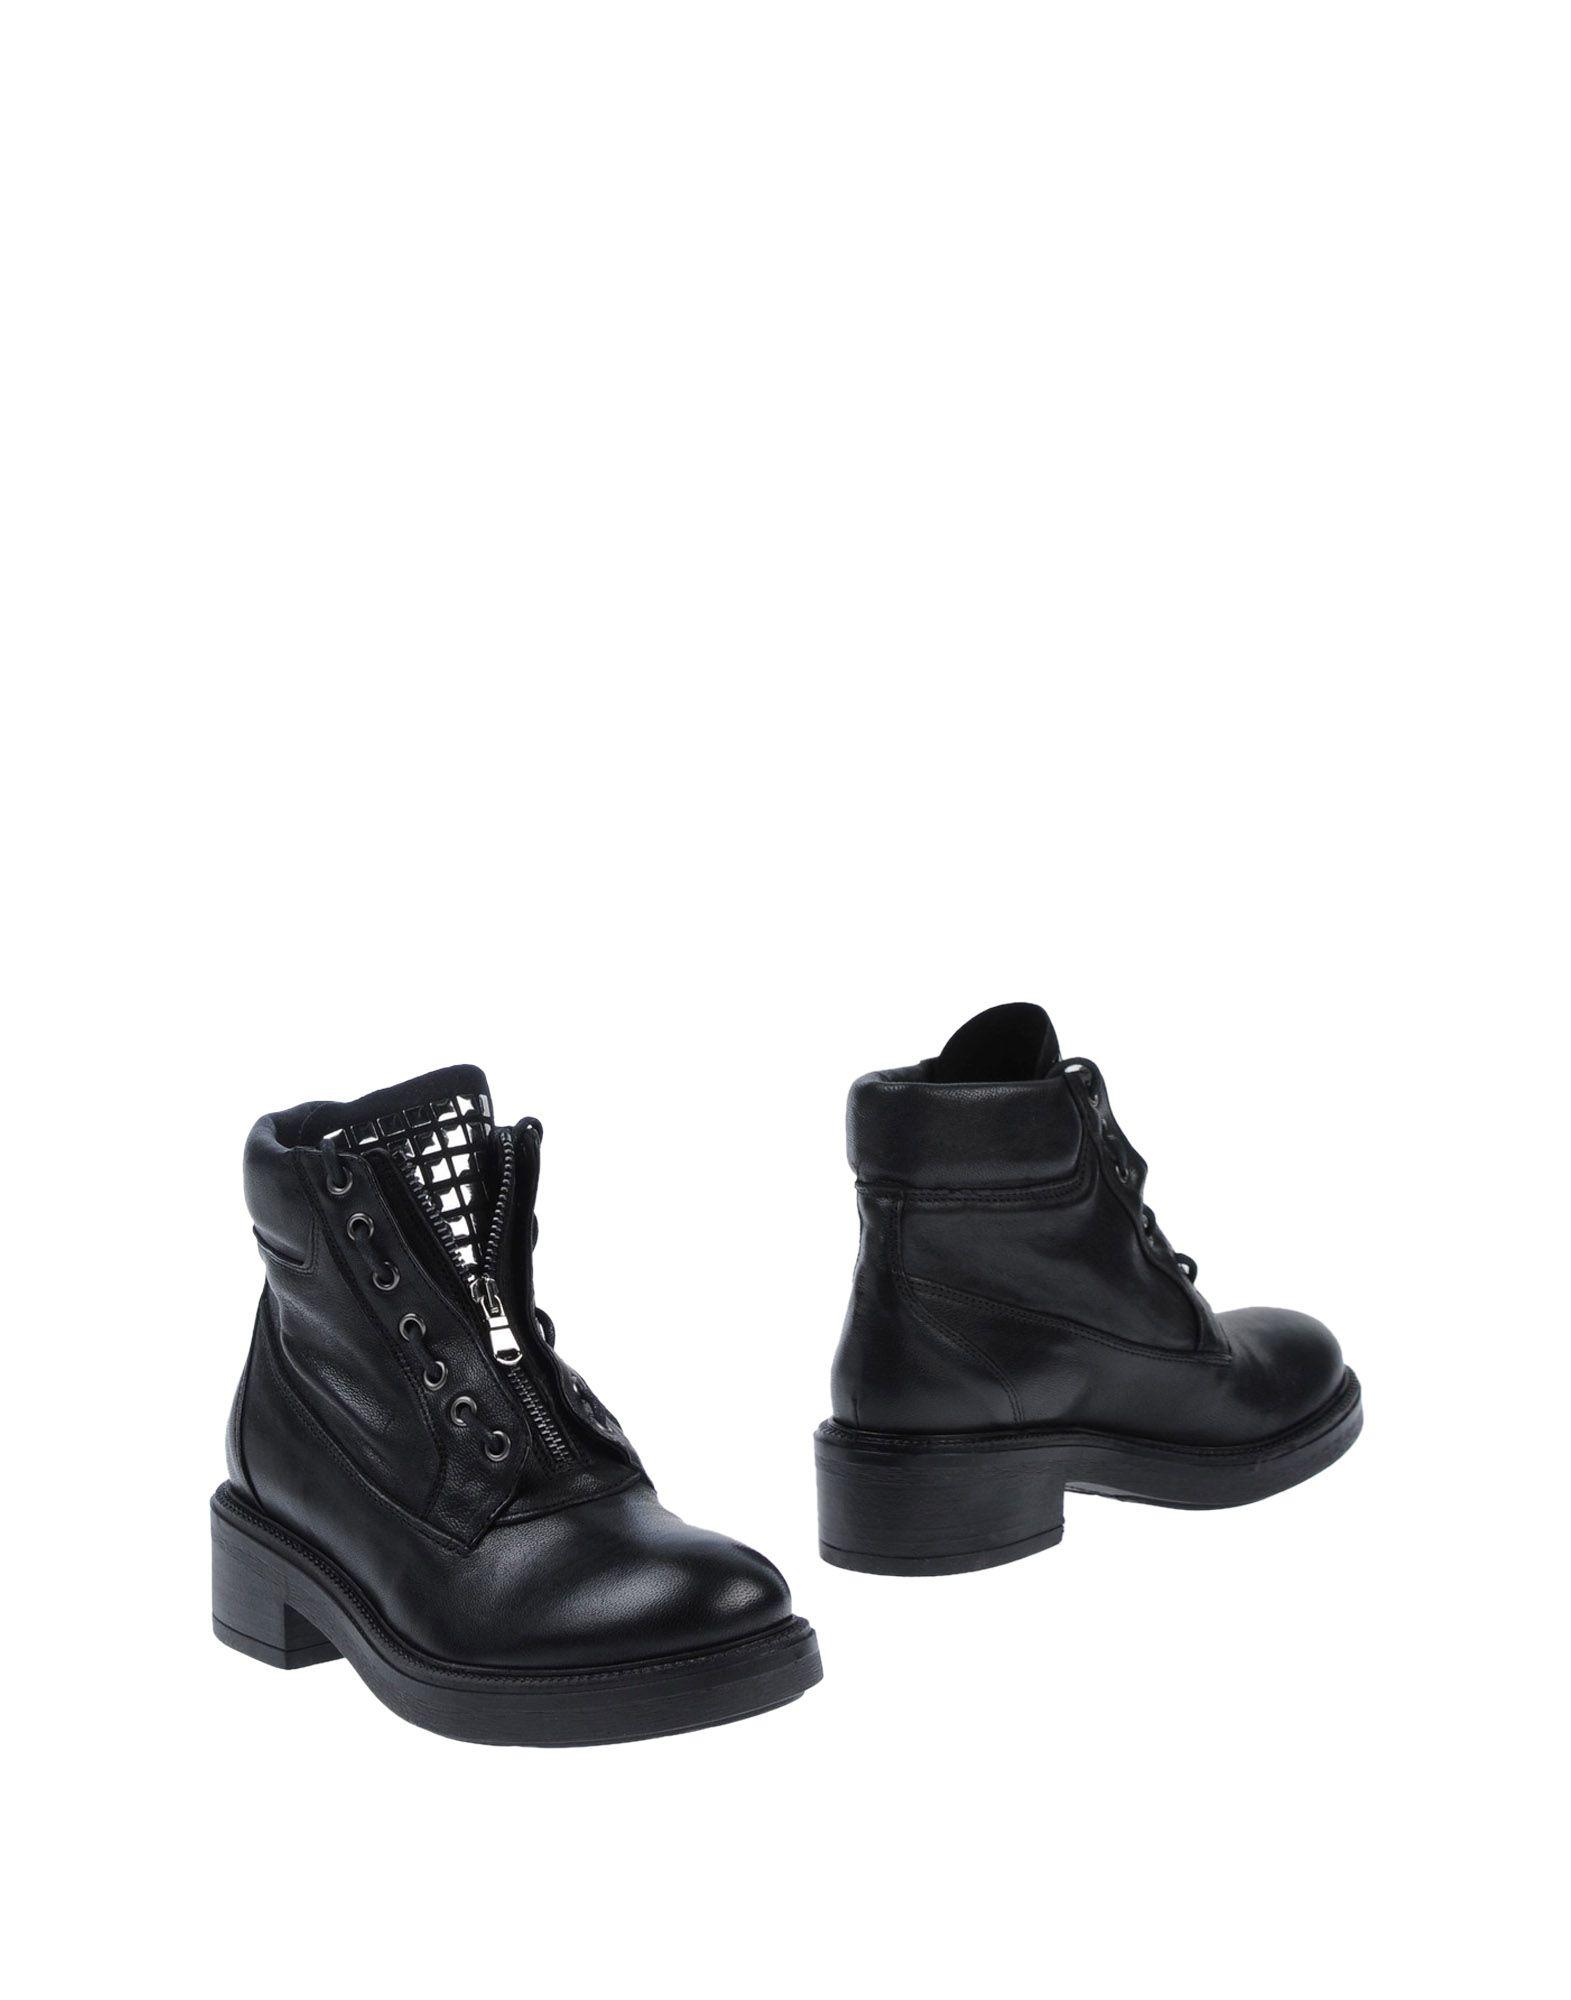 Mauro Fedeli Stiefelette Damen  11507613IS Gute Qualität beliebte Schuhe